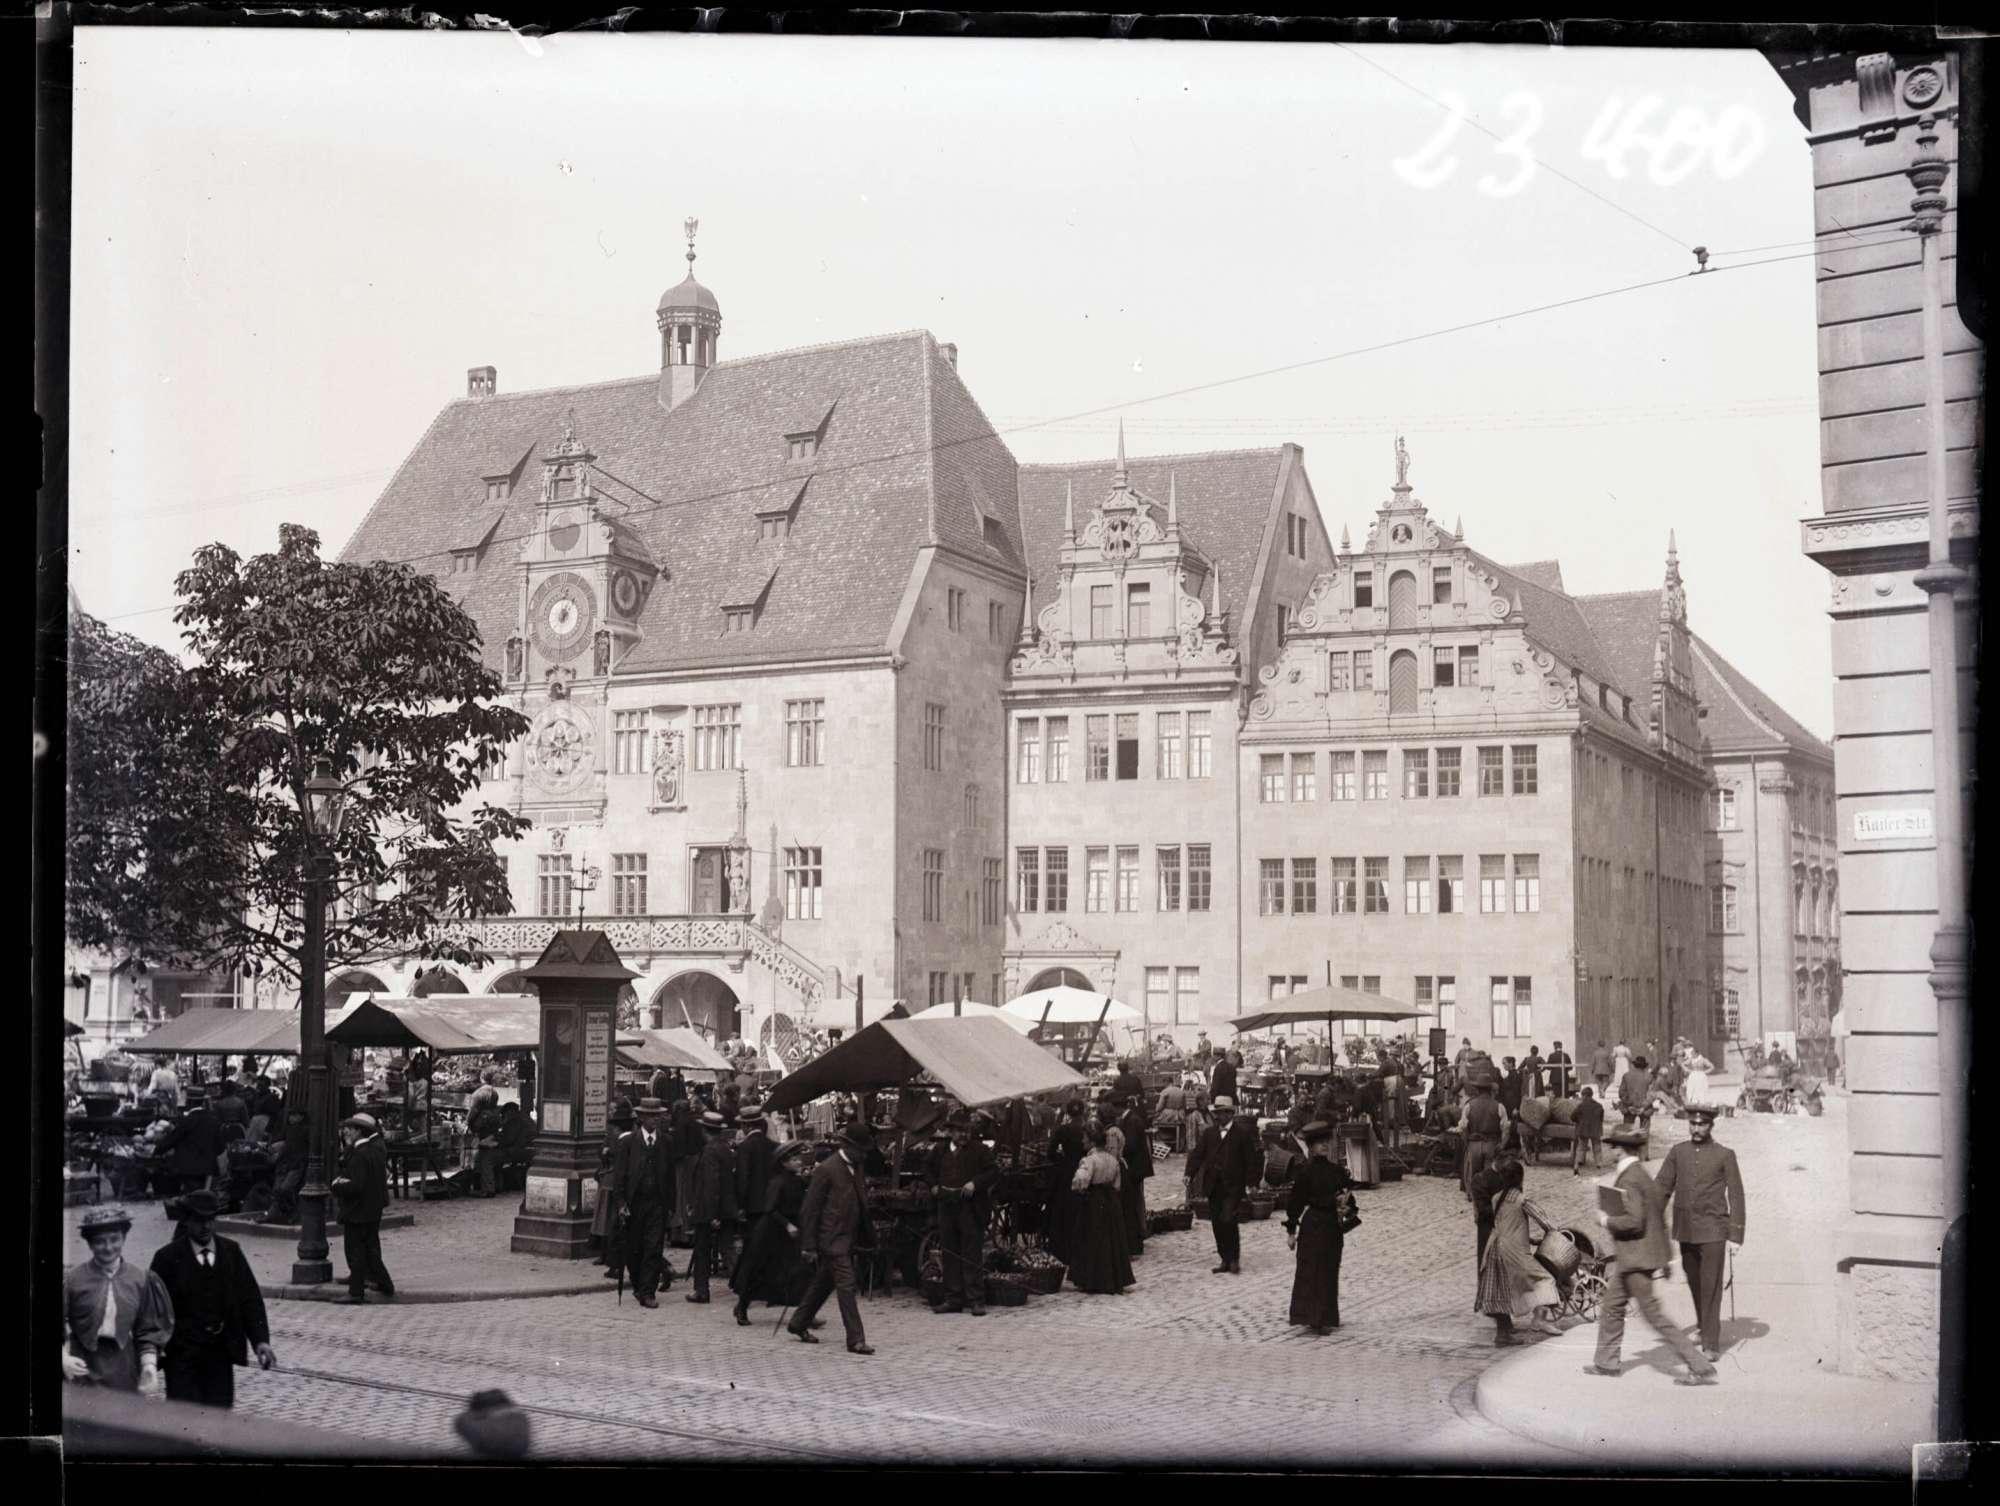 Markplatz mit altem Rathaus ca. 1910, Bild 1